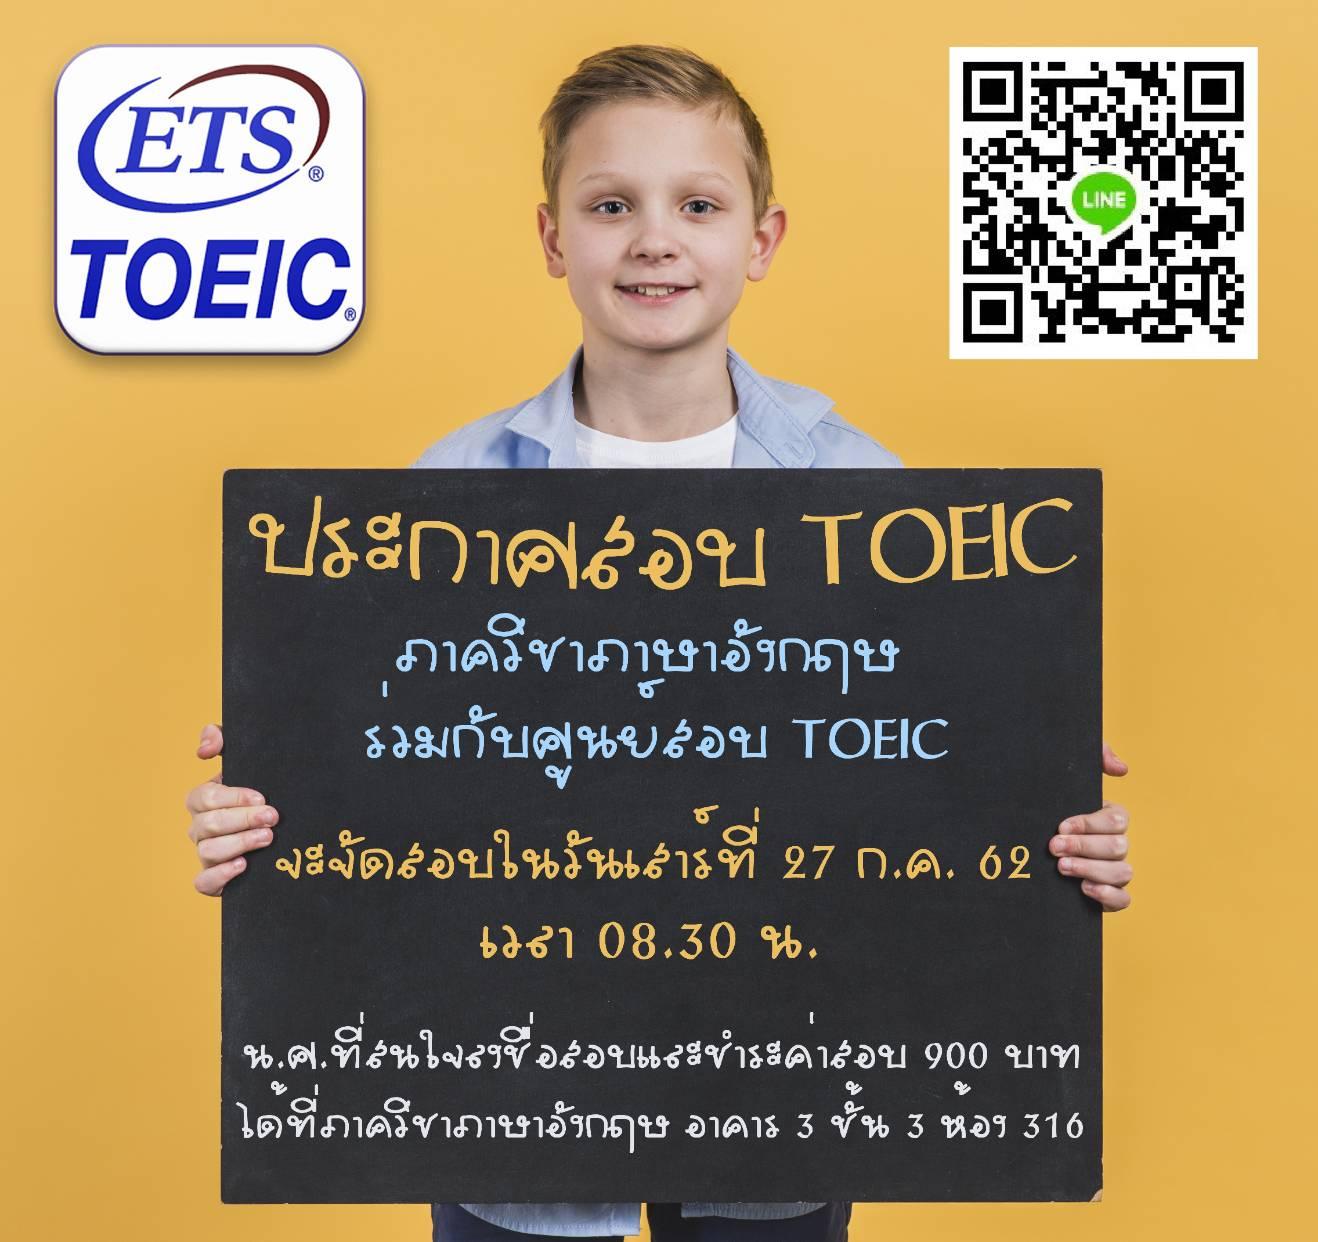 ม.รังสิต จัดสอบ TOEIC สำหรับนักศึกษาและบุคคลที่สนใจ